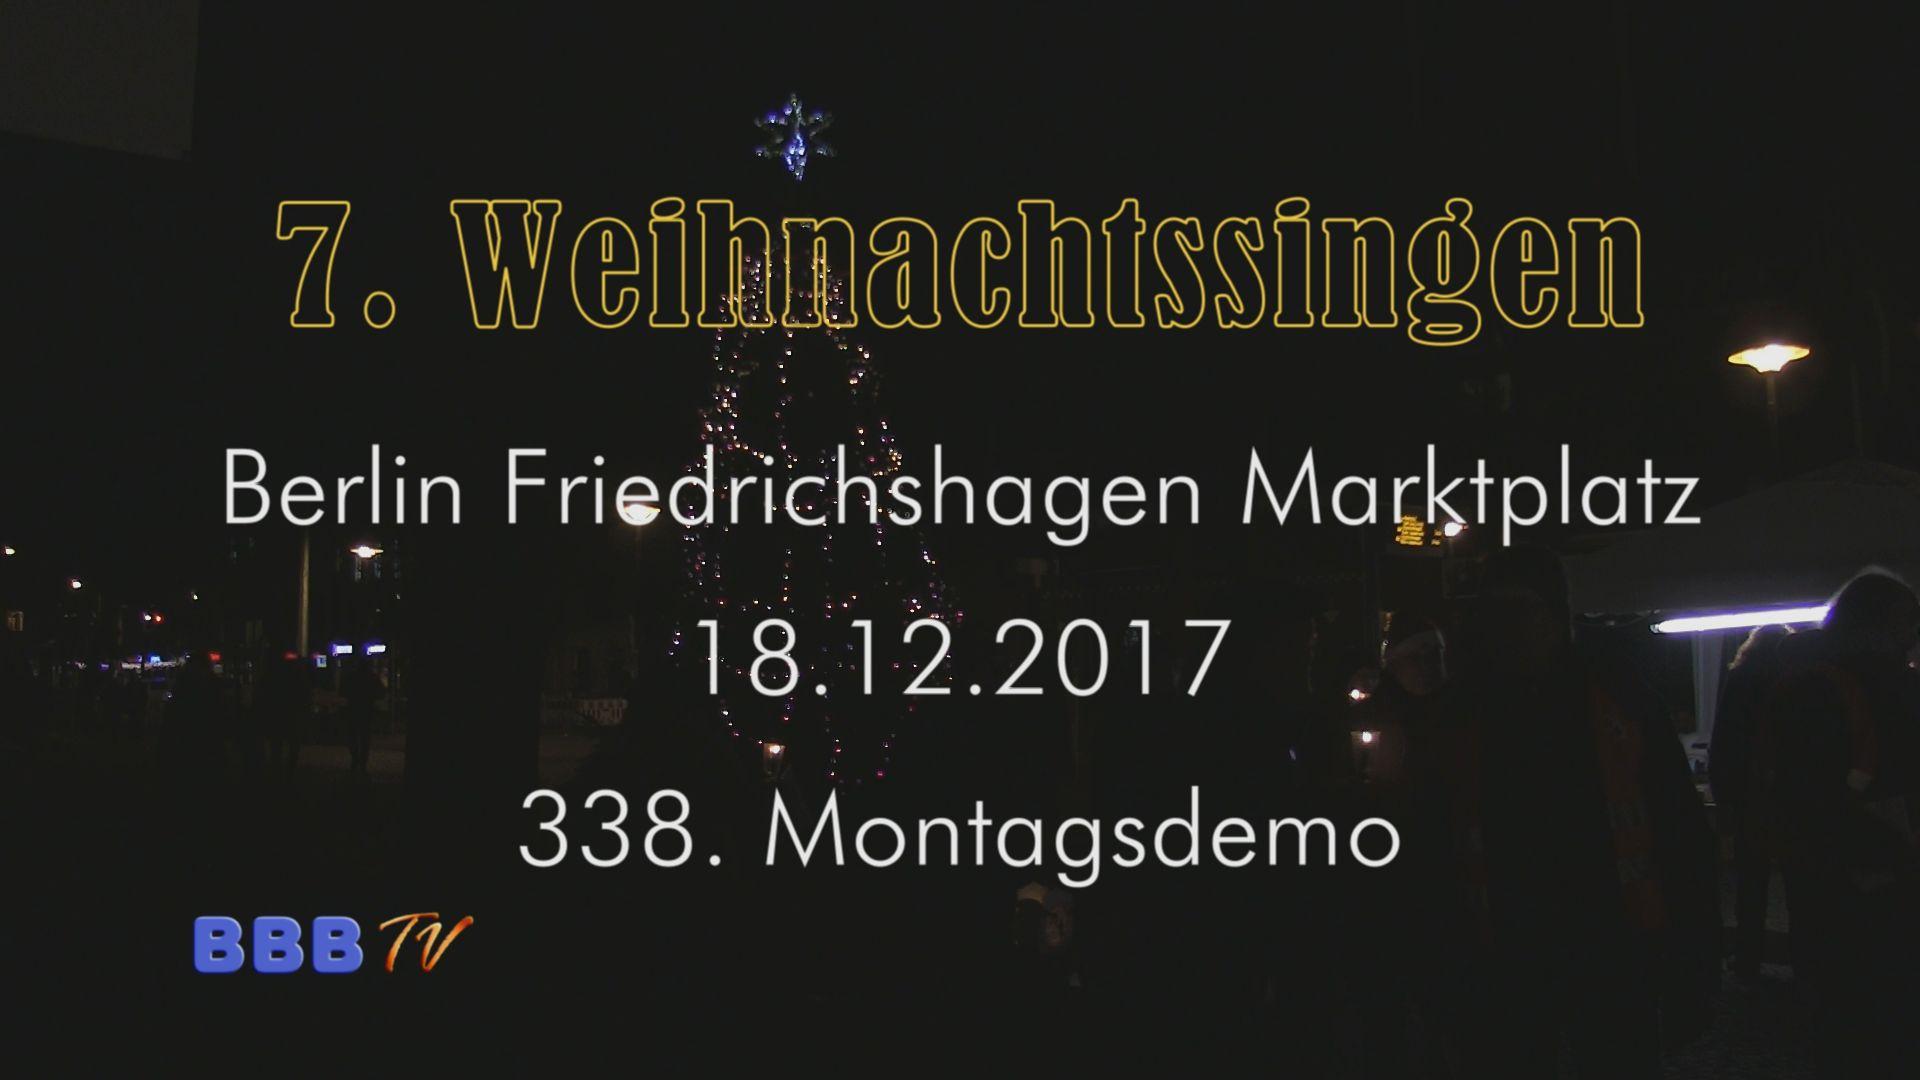 Stille Nacht, wie jedes Jahr auf dem Friedrichshagener Marktplatz mit aktuellen Informationen der FBI zum BER